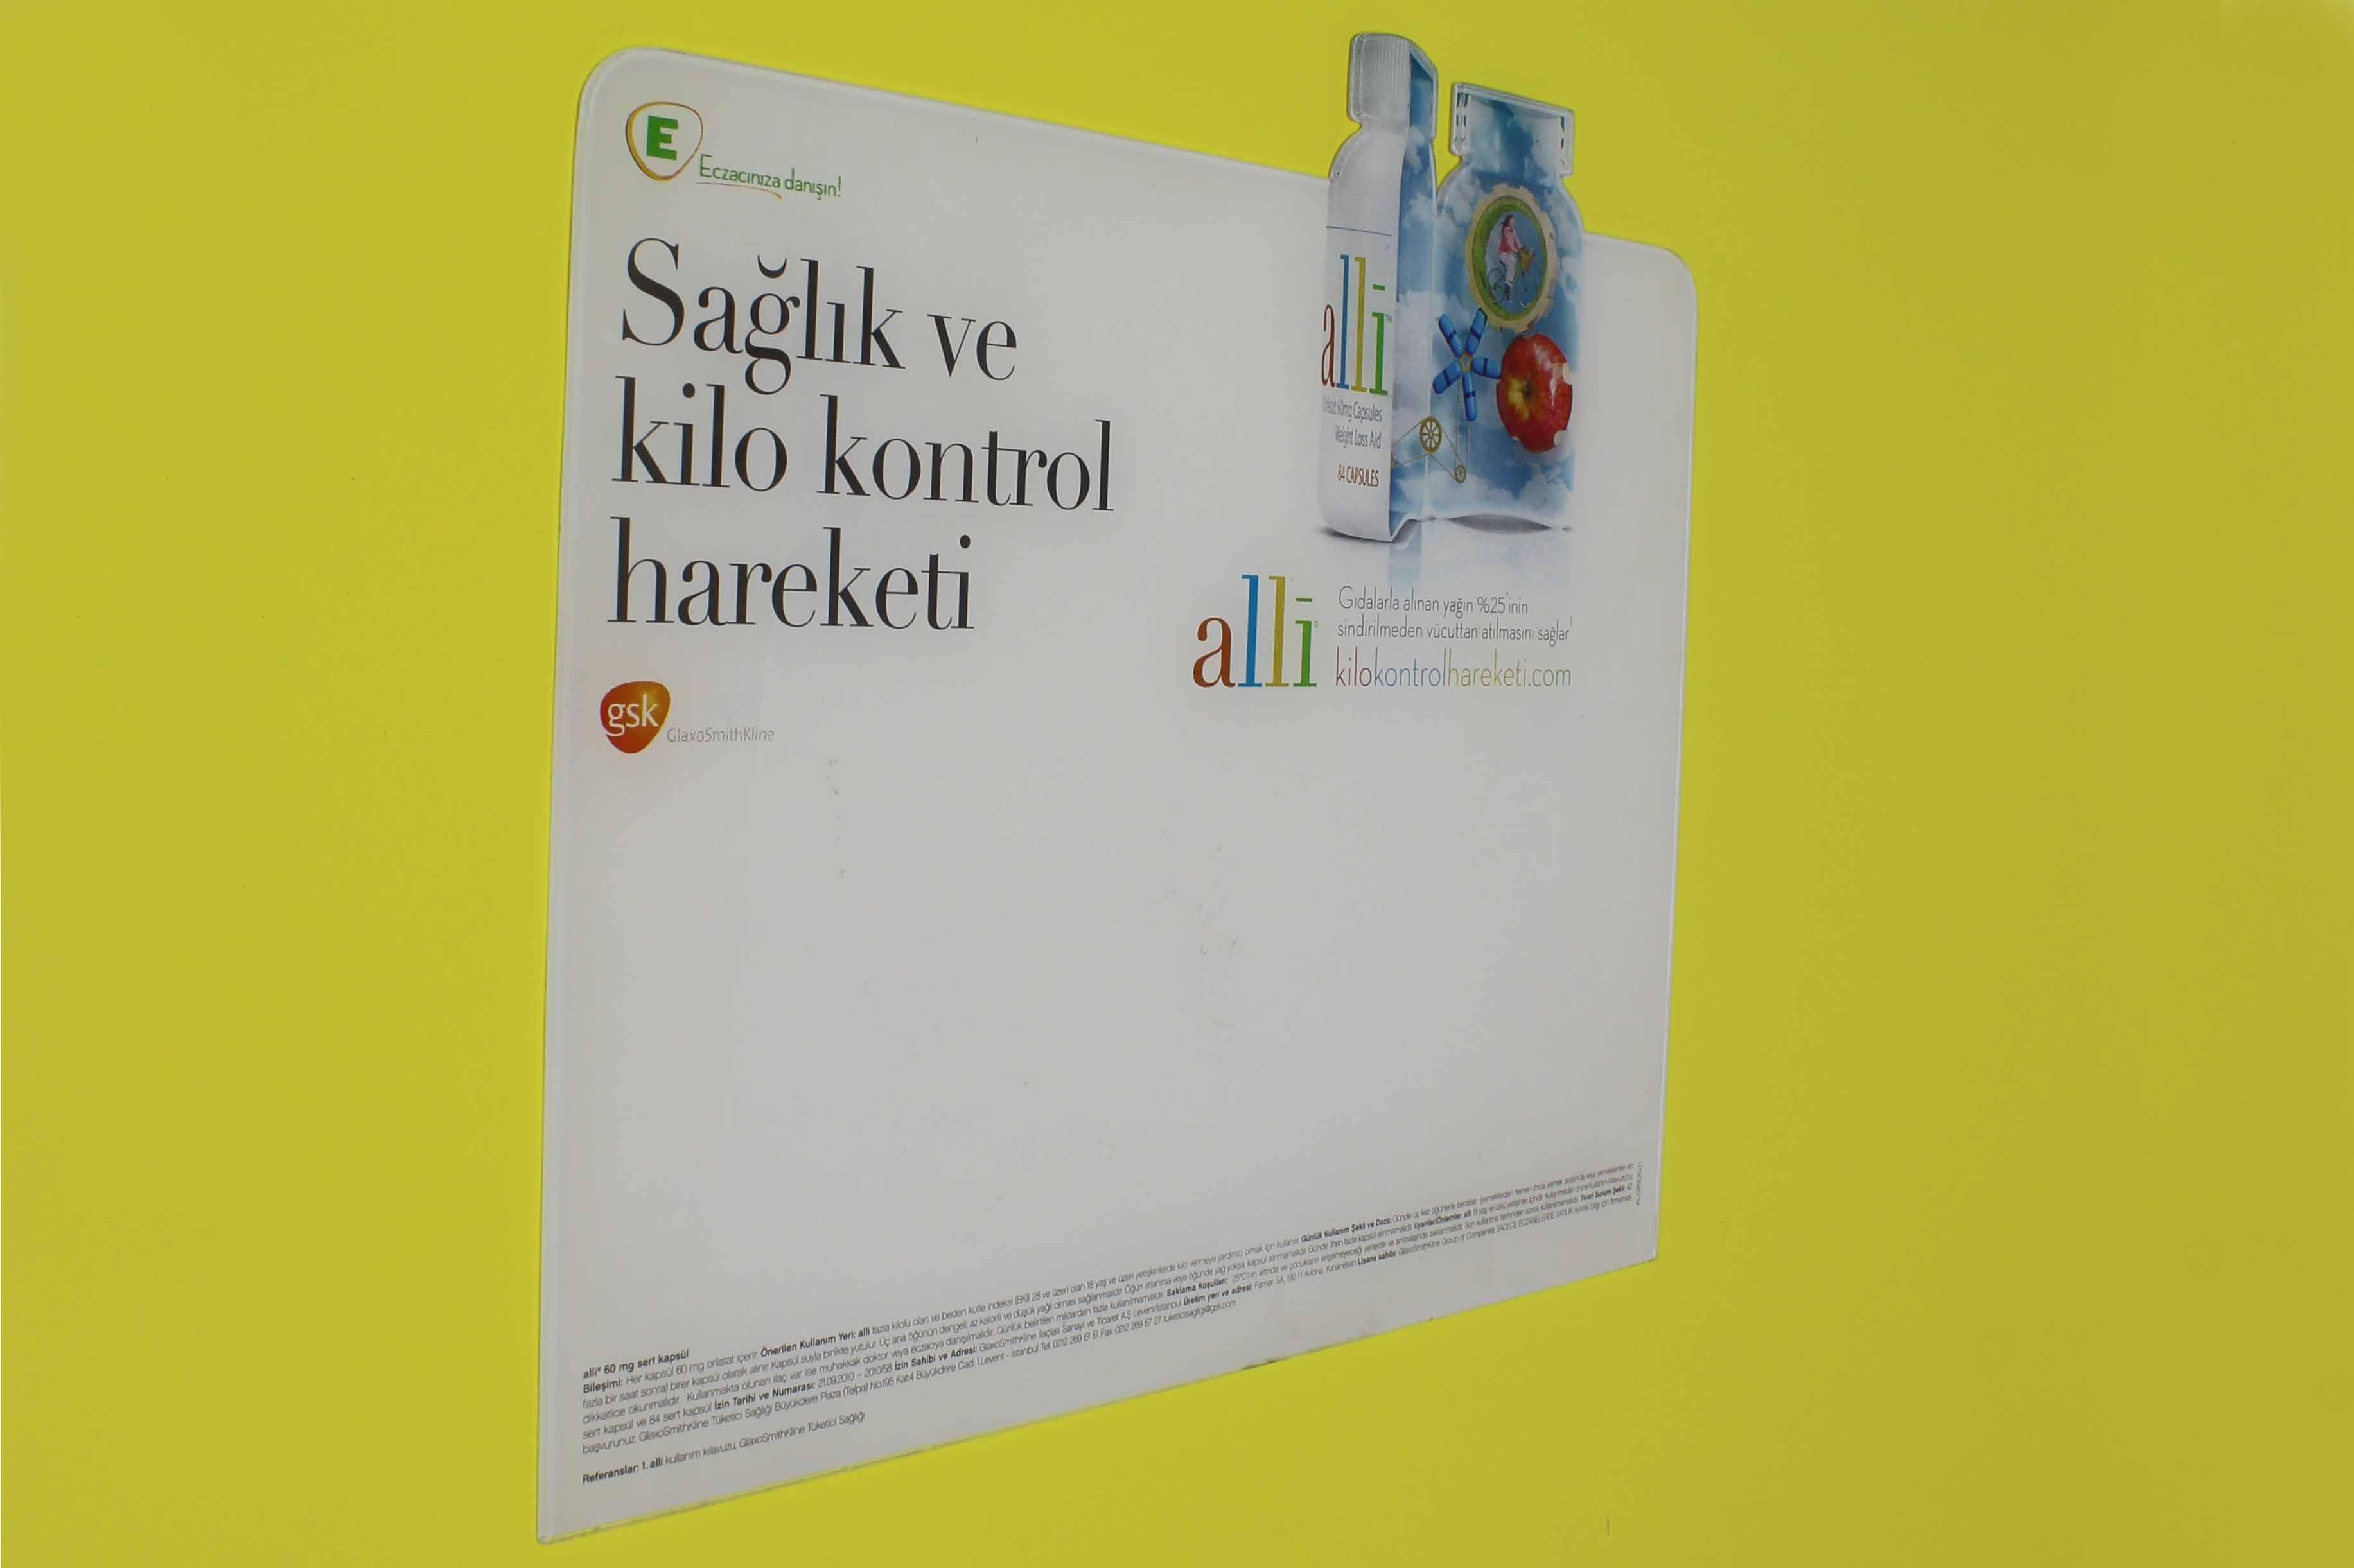 pleksi üzerine trikromi serigrafi baskı dört renk serigrafi baskı uv serigrafi baskı